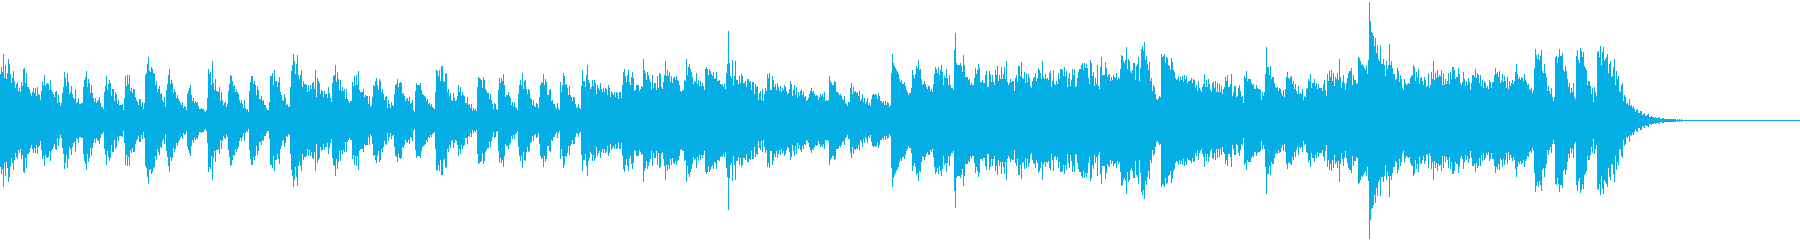 変拍子がインパクト大!のピアノジングルの再生済みの波形